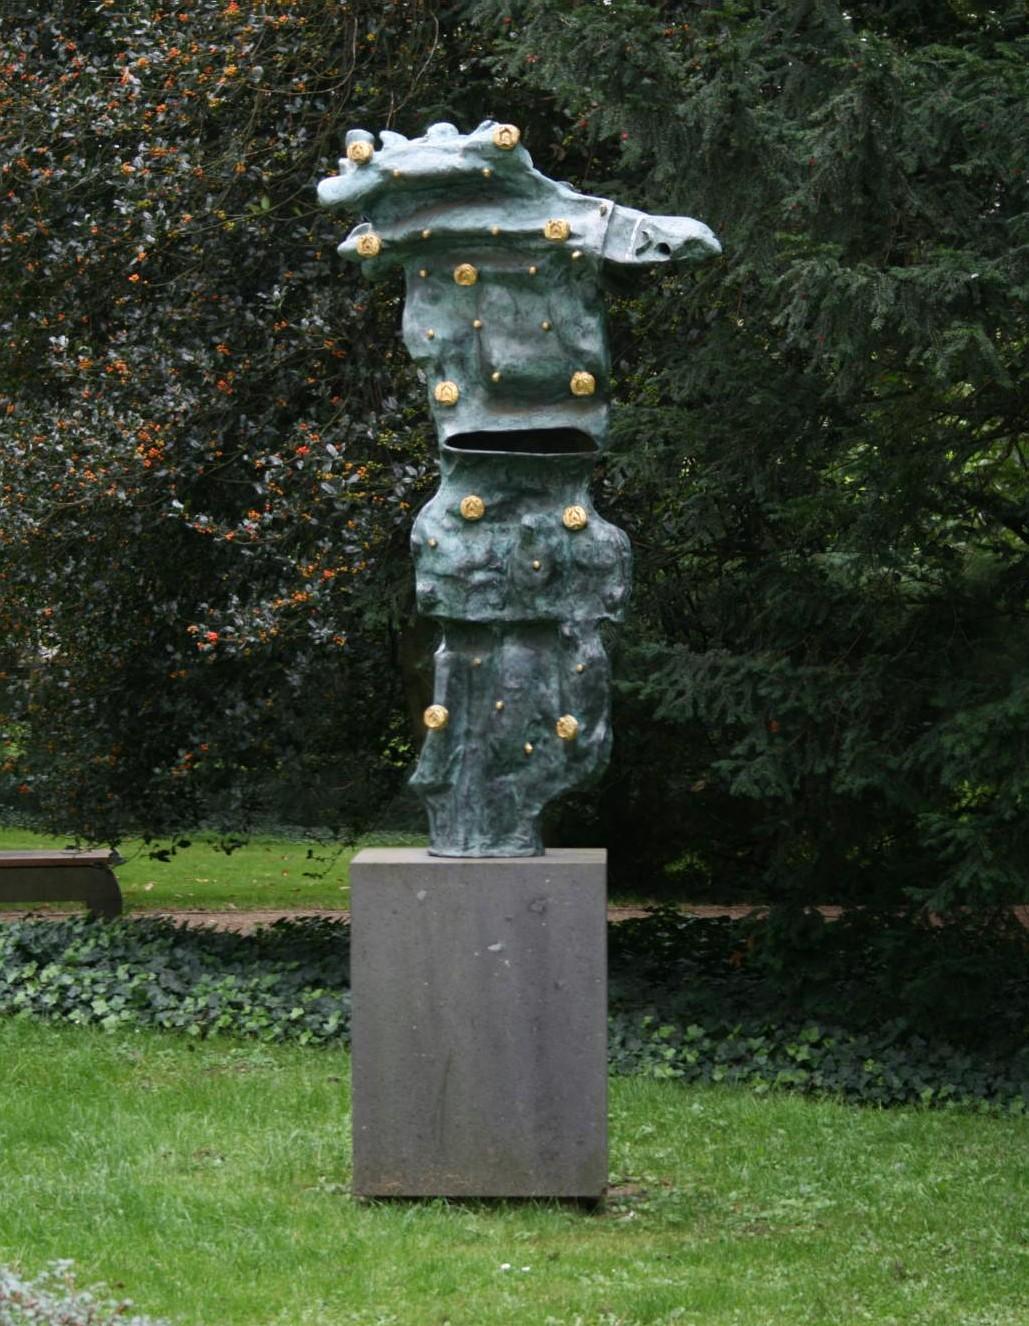 Escultura Chaosmos (1970), ubicada en Viersen (Alemania).